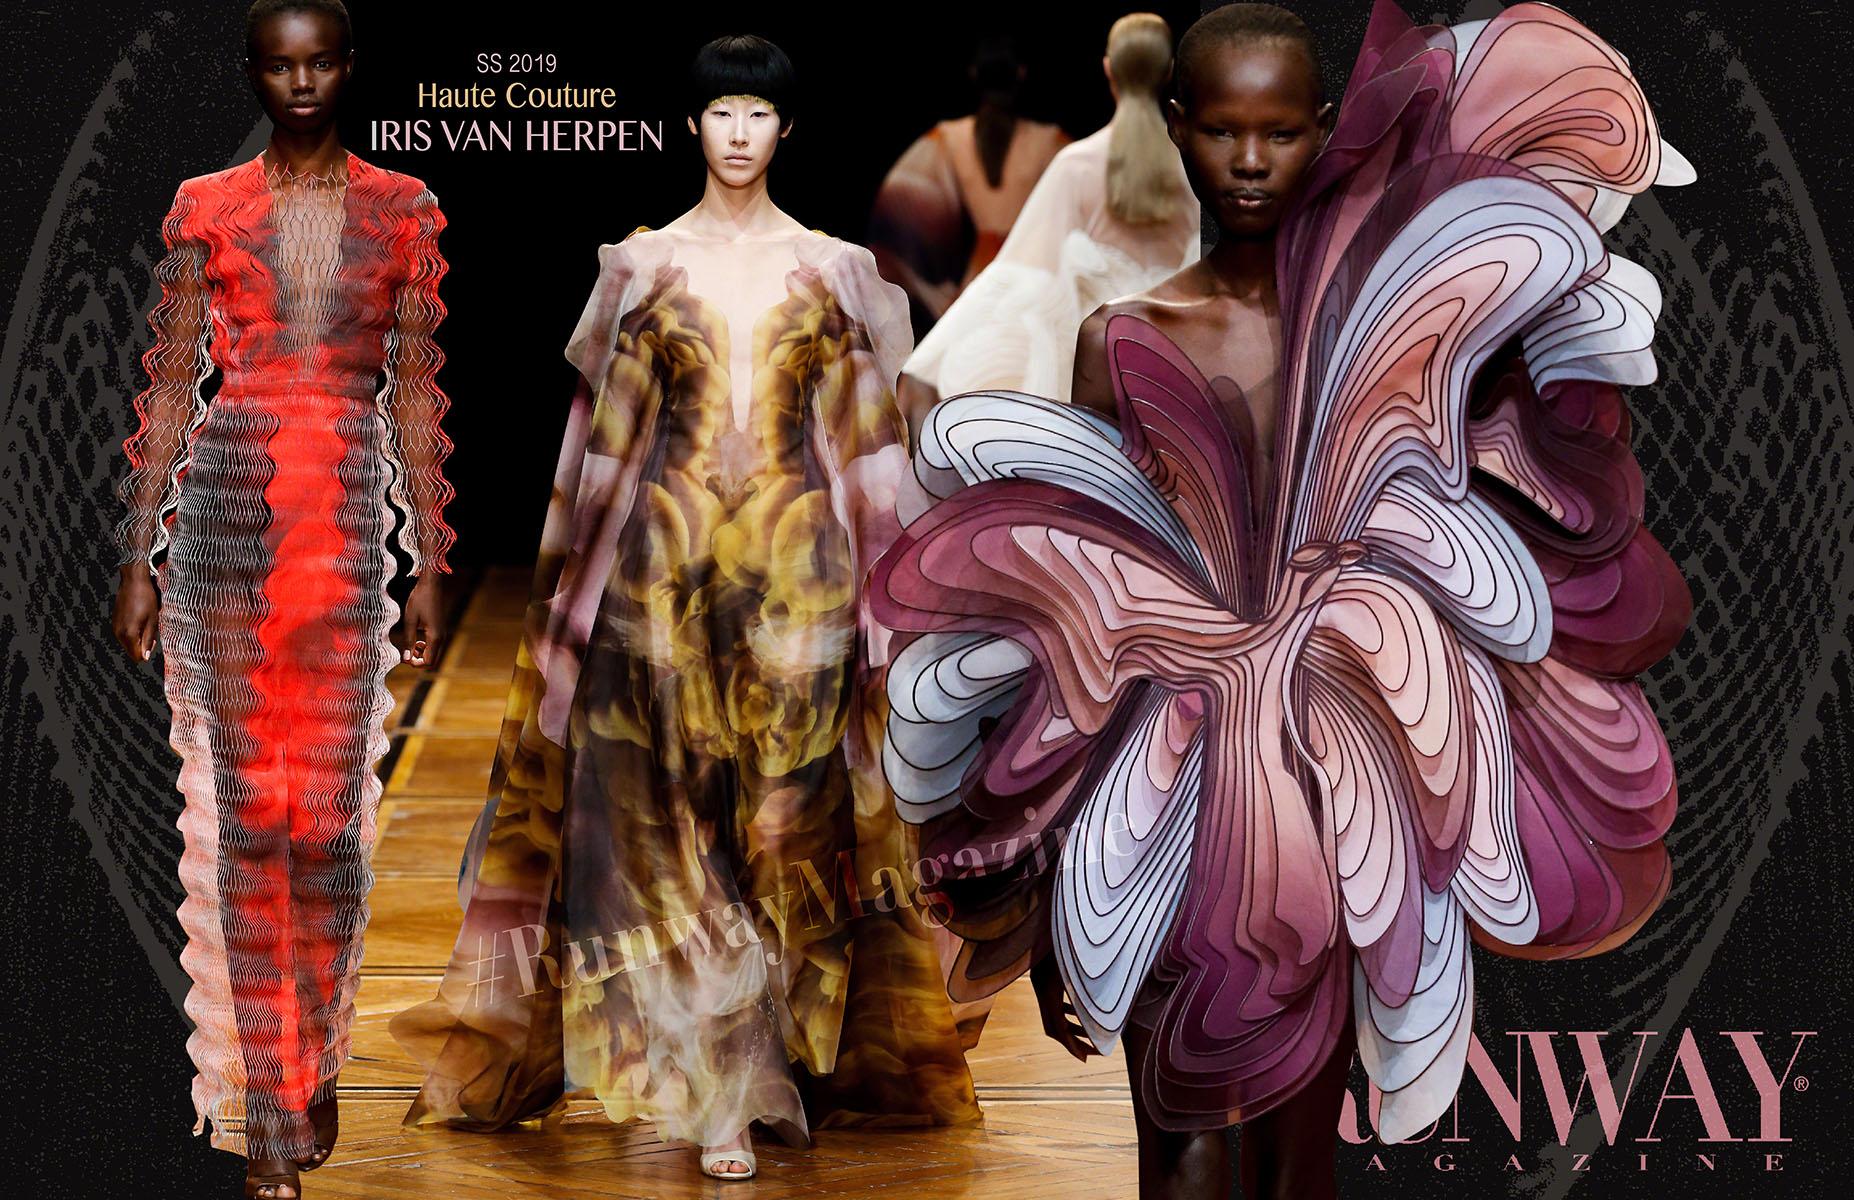 Iris Van Herpen Haute Couture Spring Summer 2019 by Runway Magazine